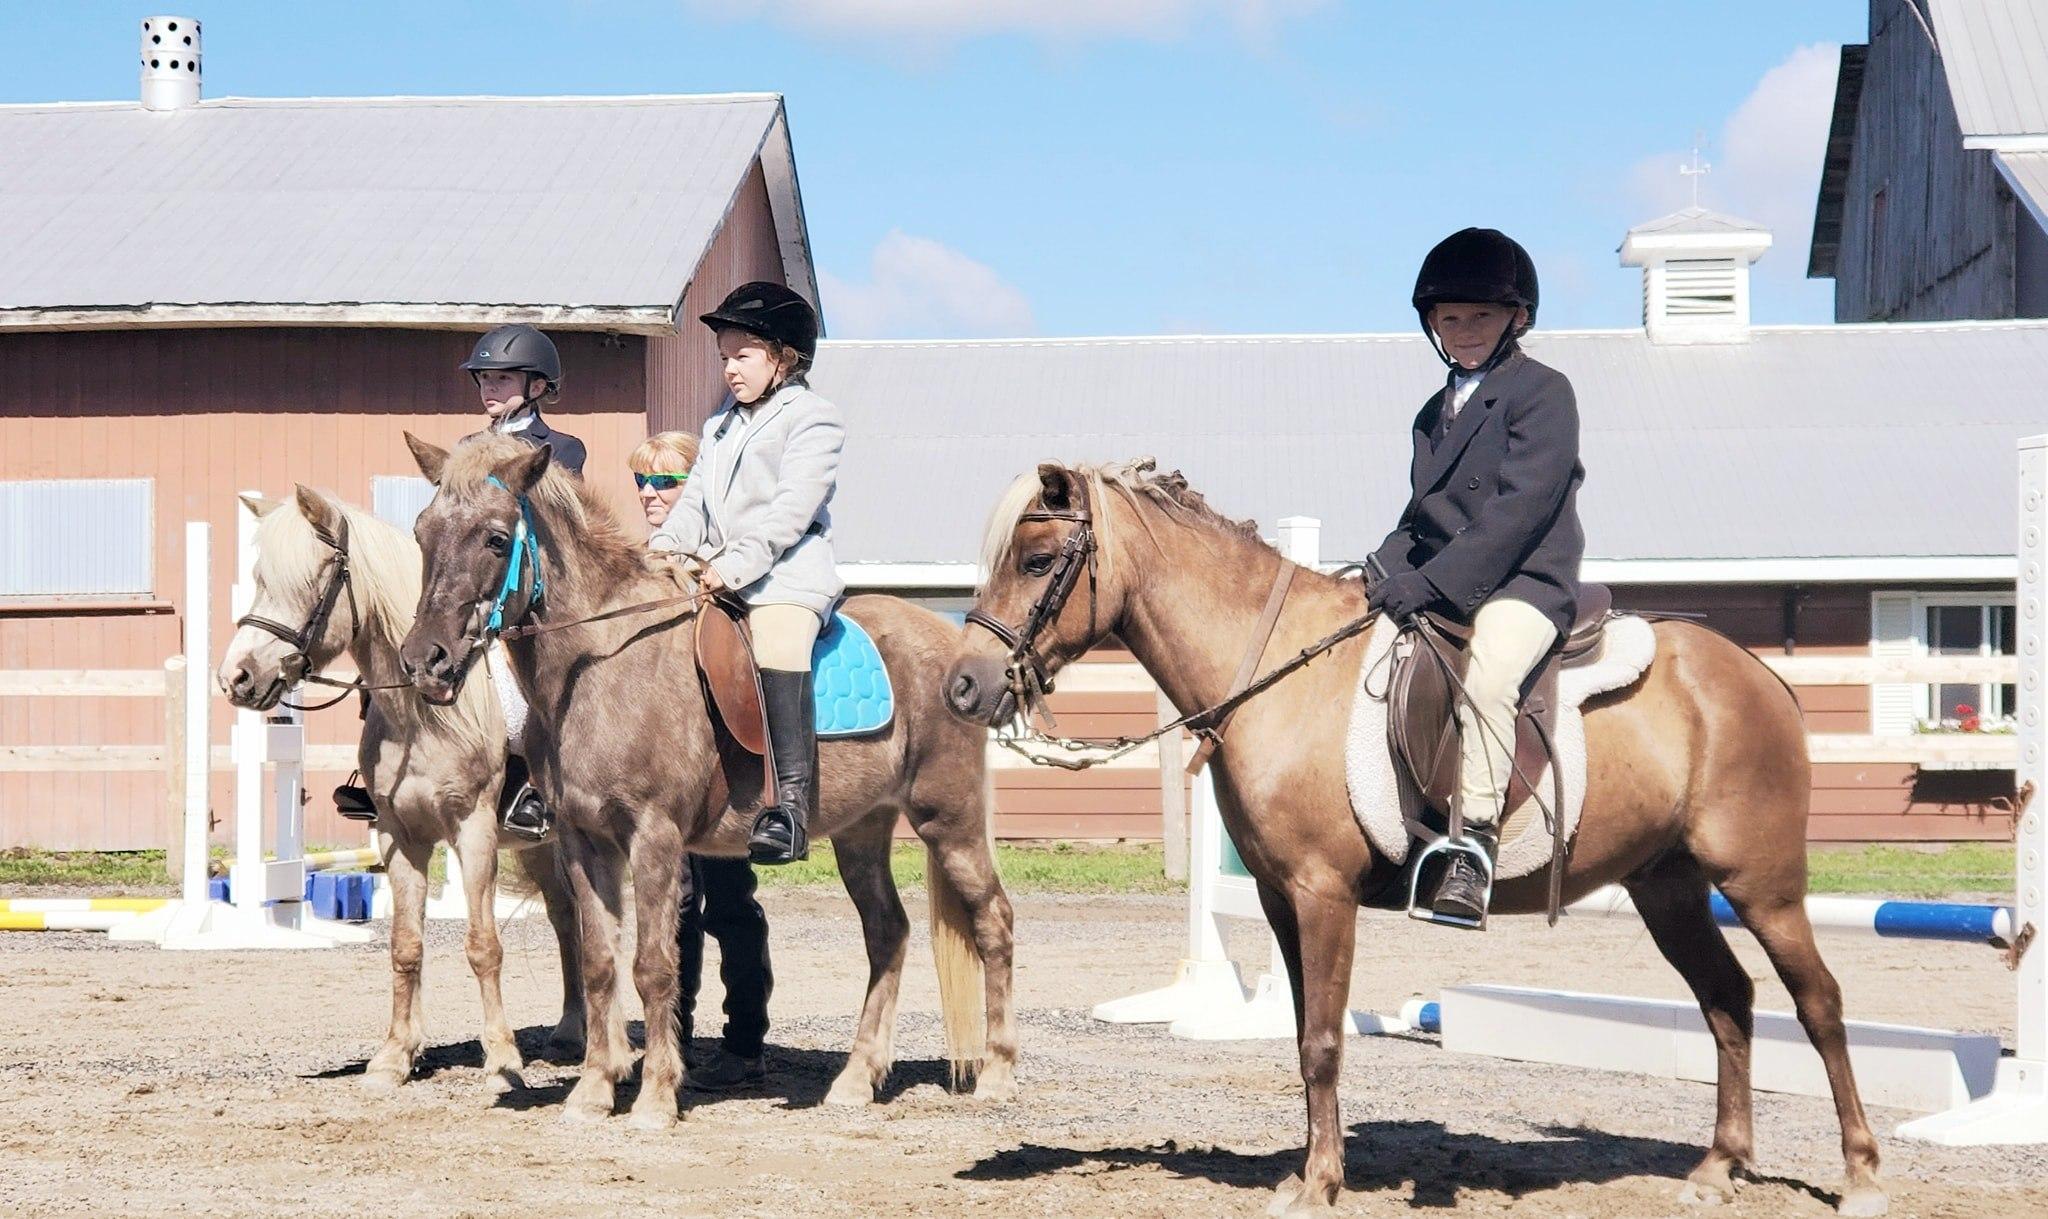 ovh juniors on horses